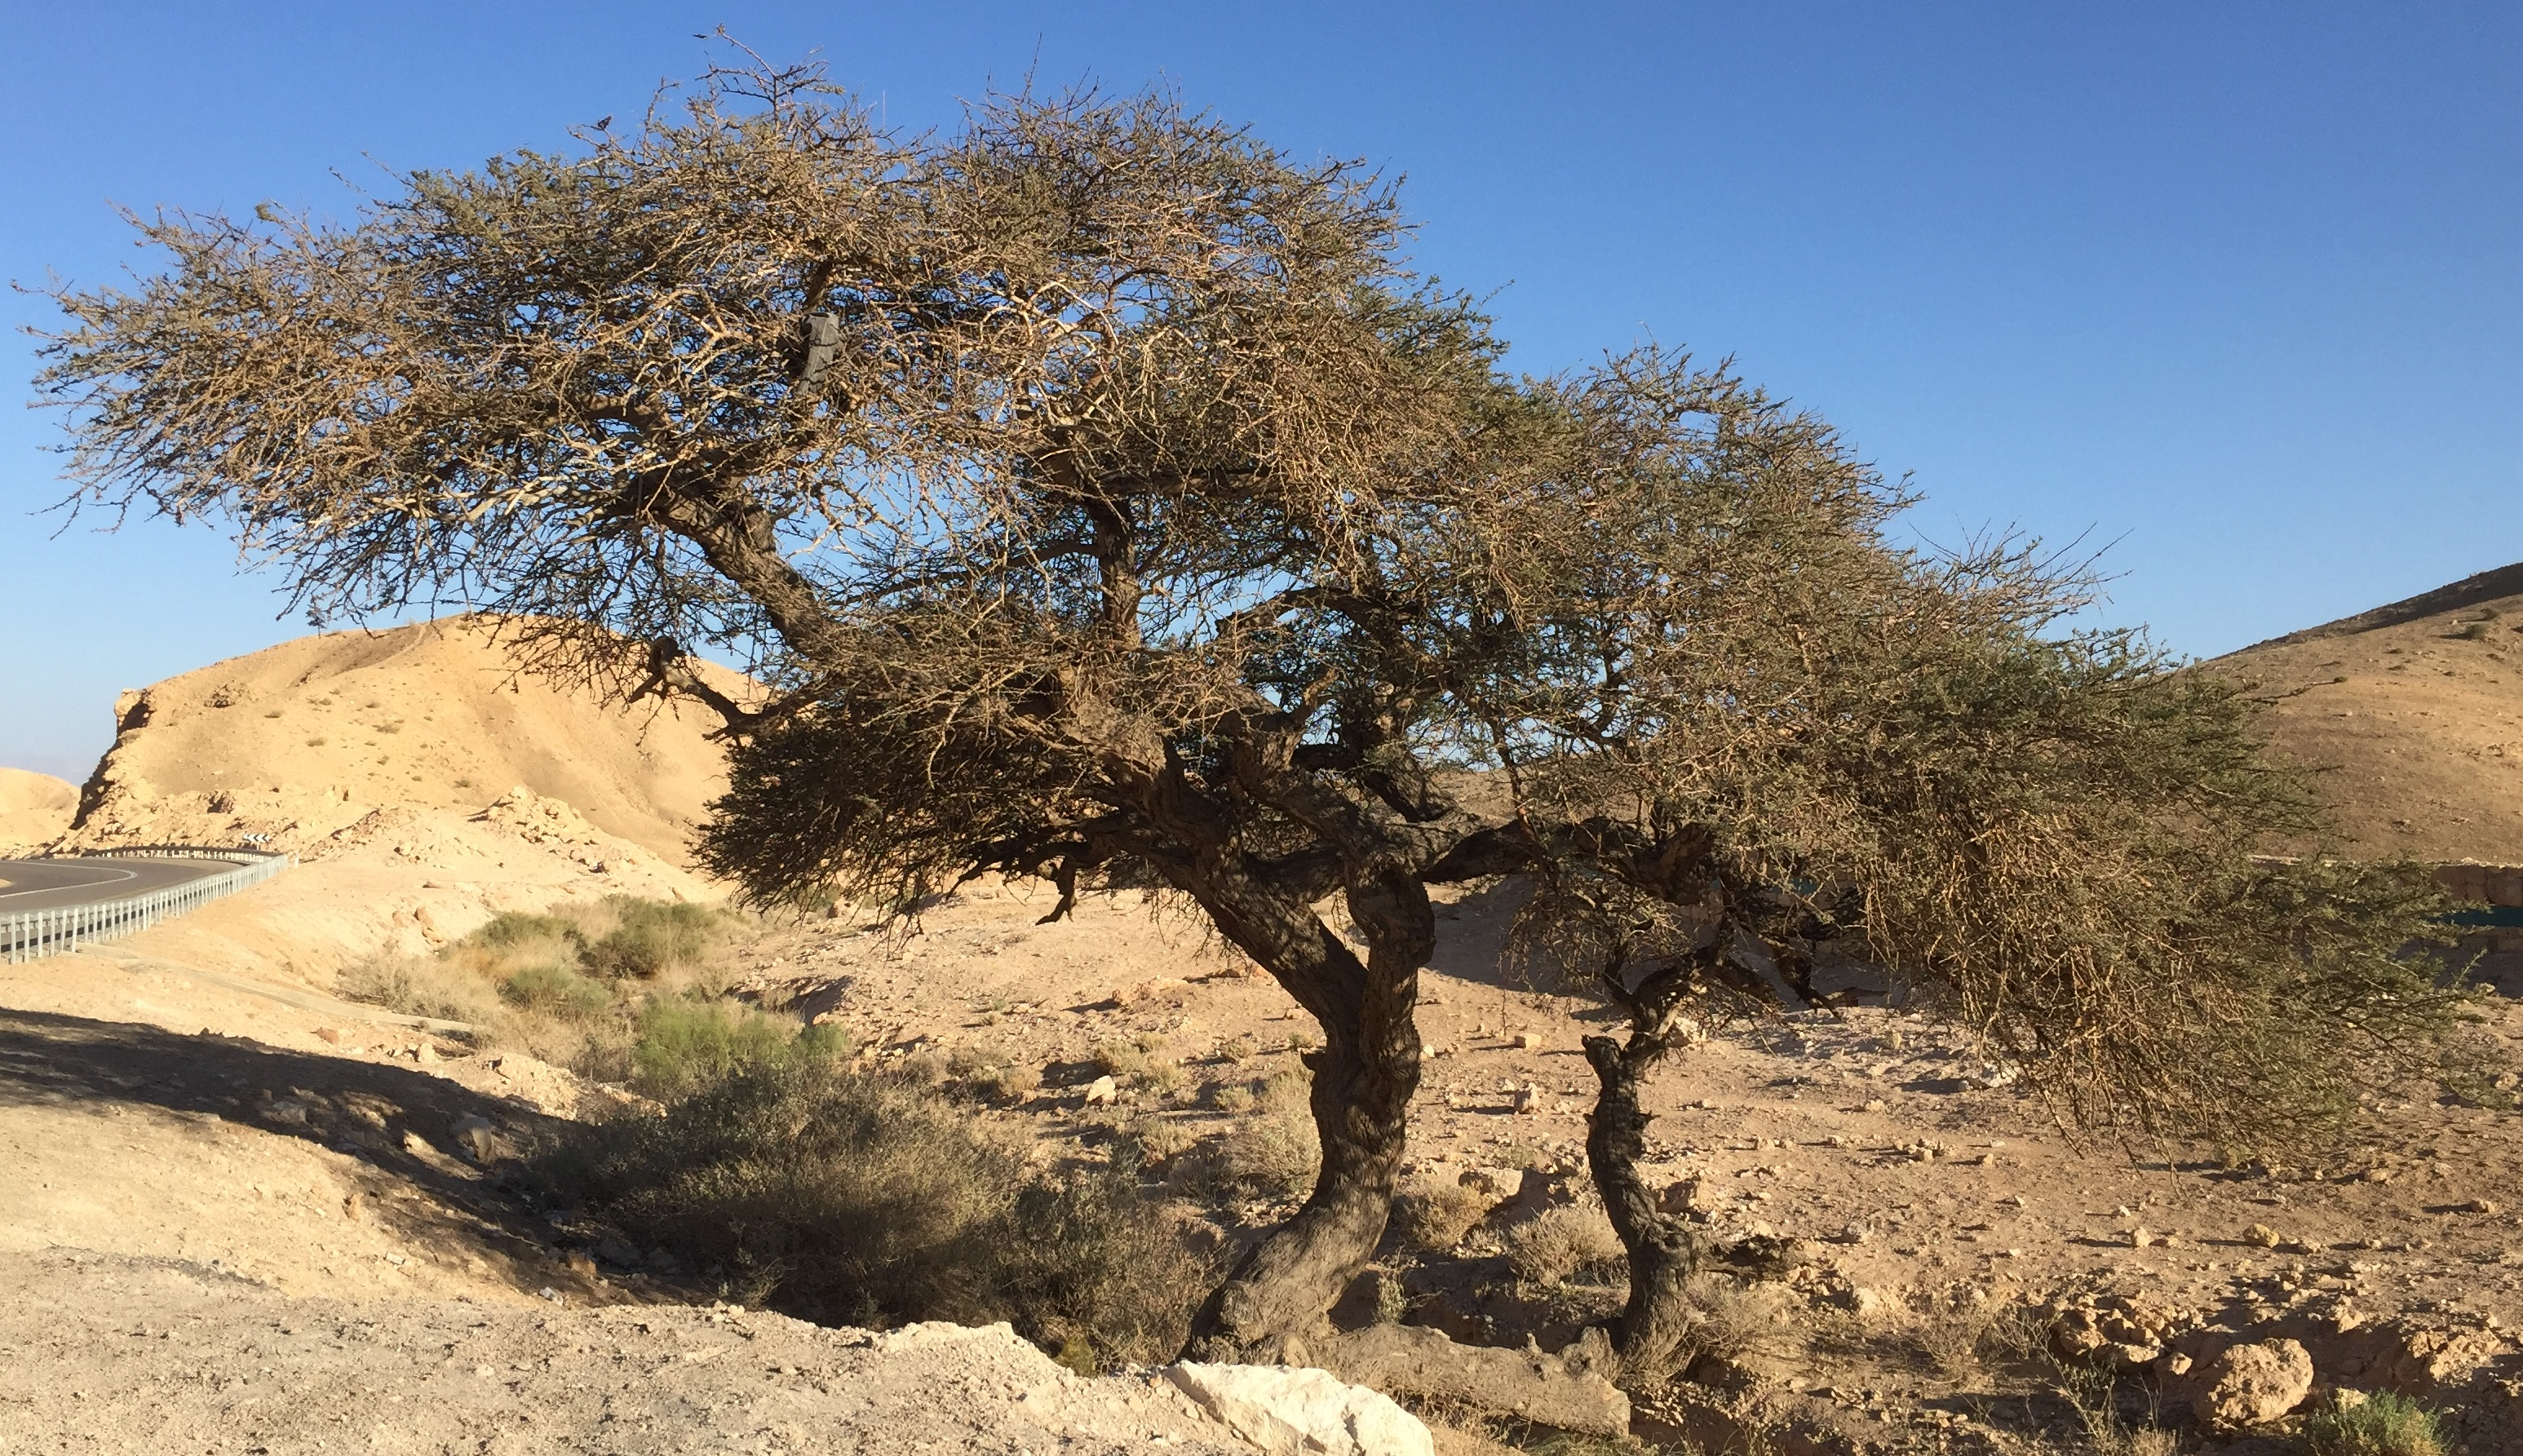 上图:犹大旷野中的一棵皂荚木(Acacia),树形如伞,树身有刺,木质坚硬。